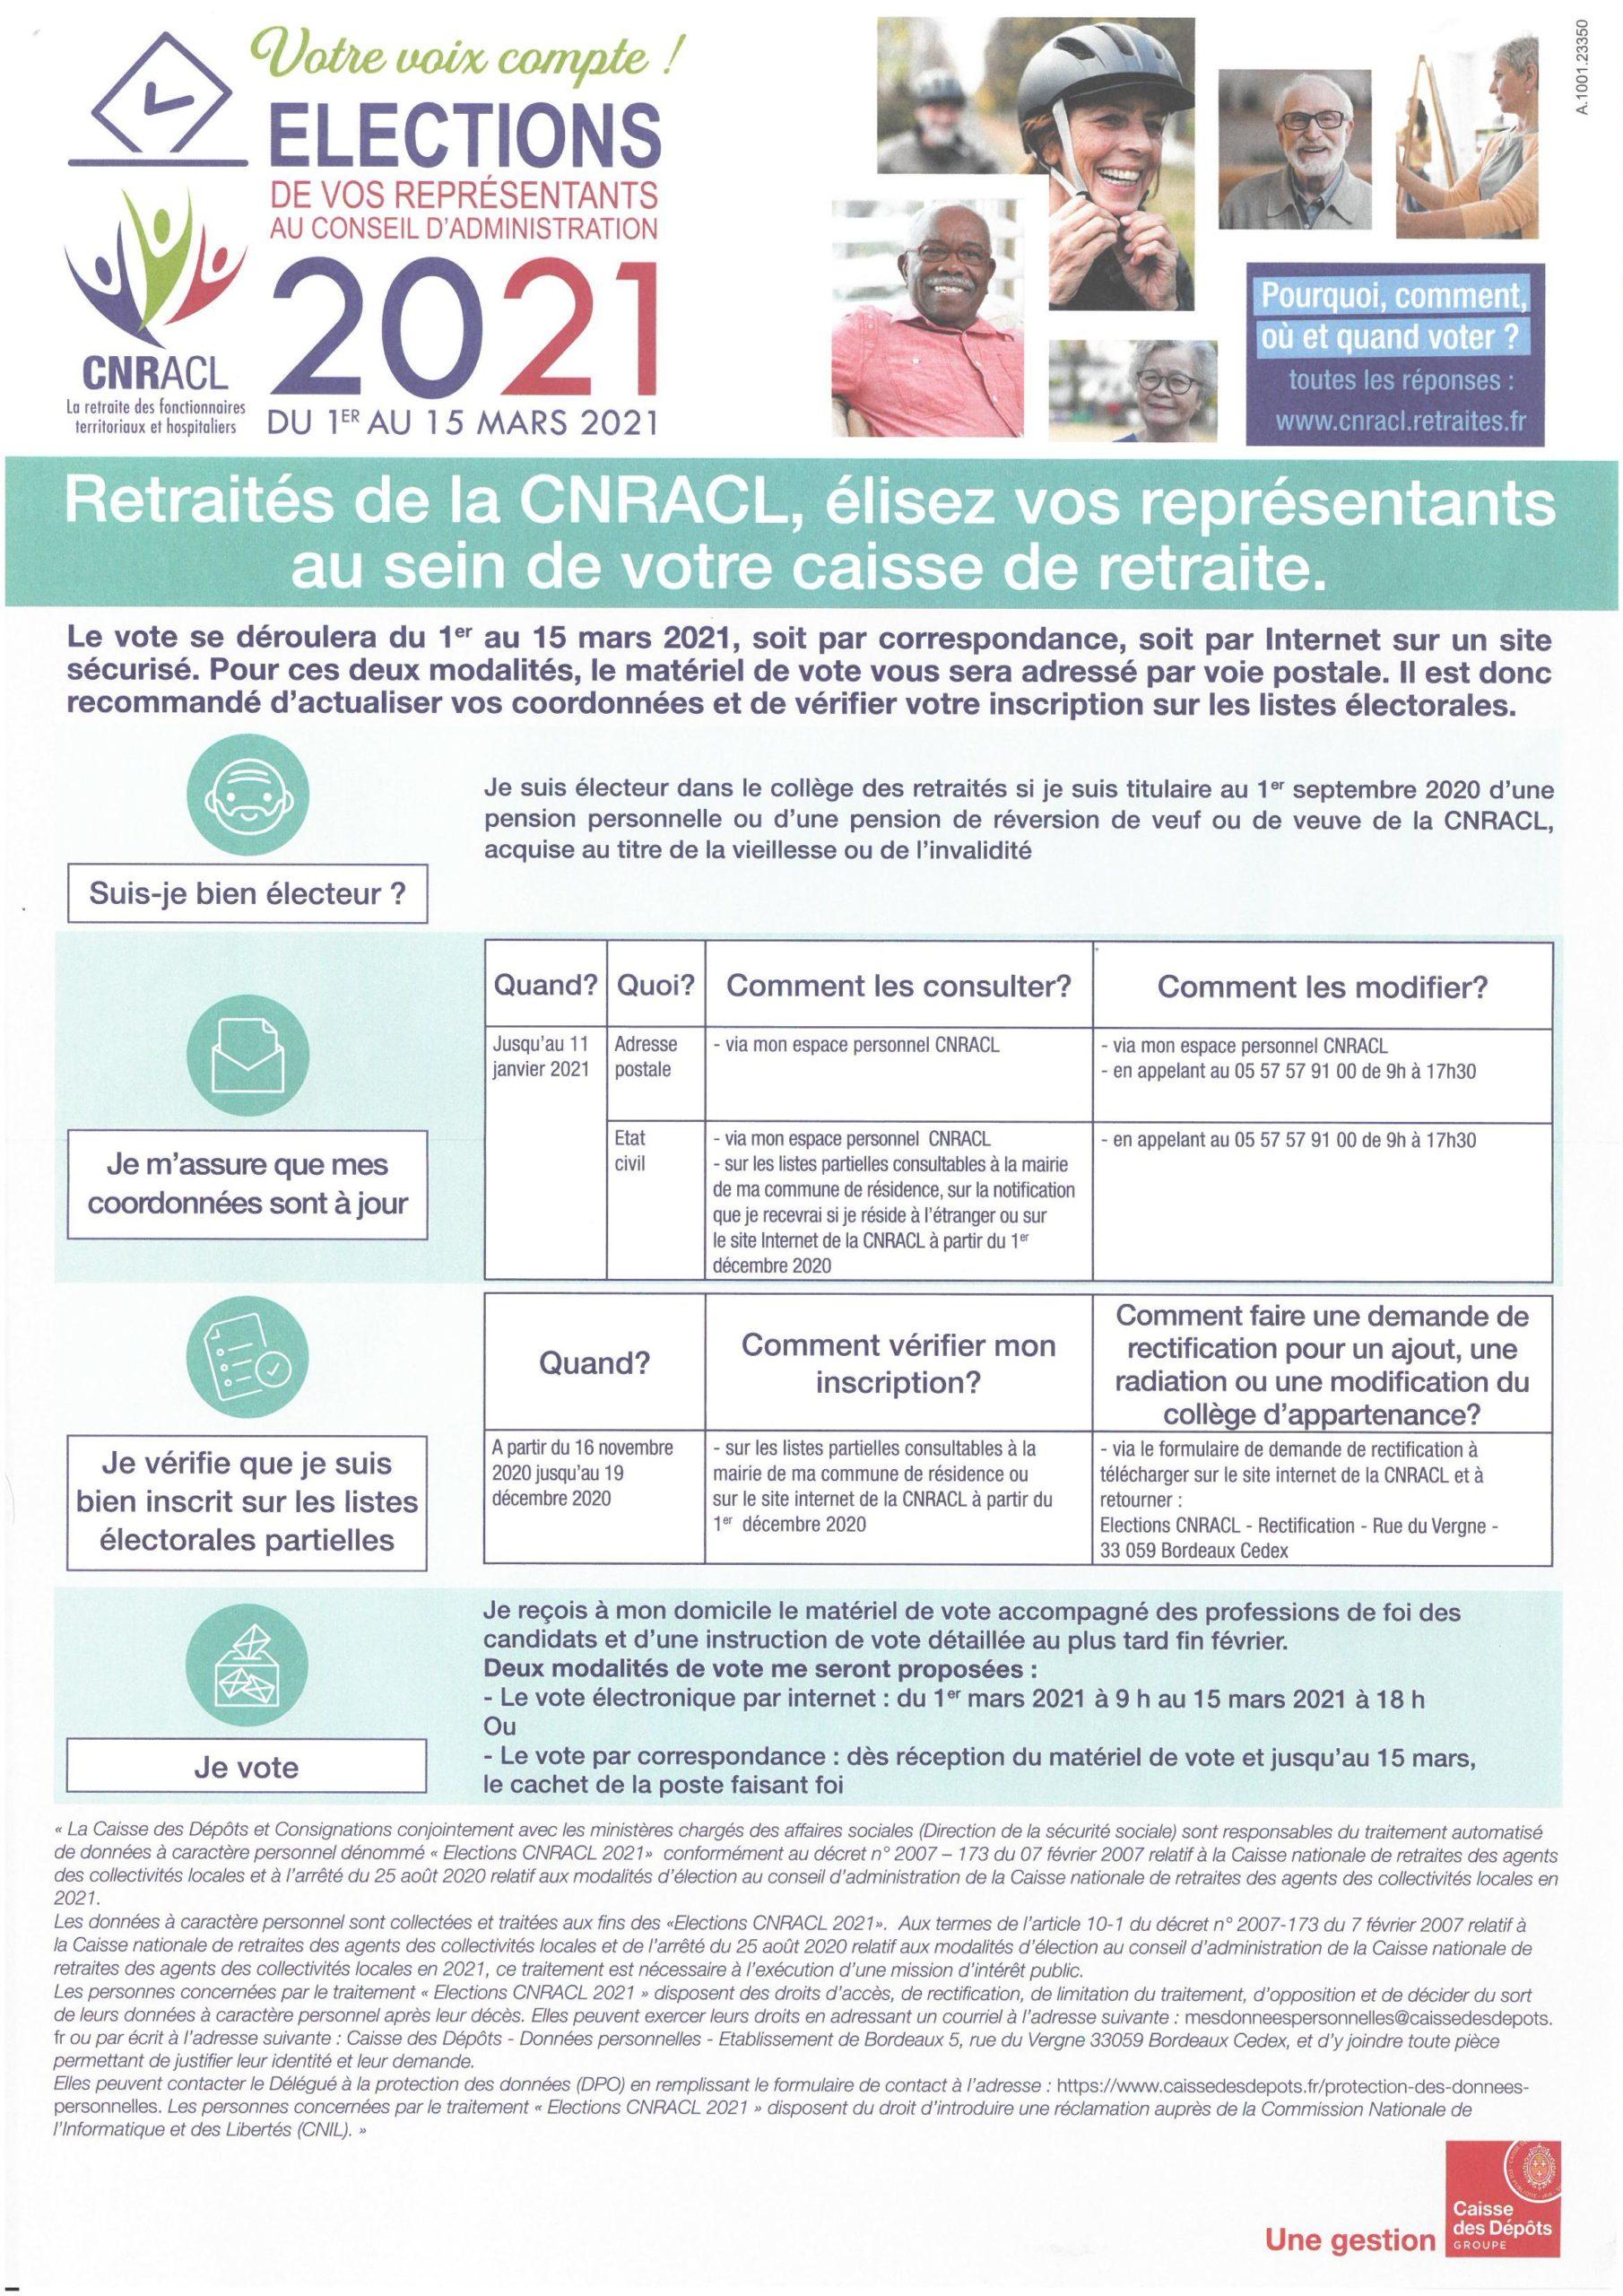 Election des représentants au Conseil d'Administration CNRACL du 1er au 15 mars 2021